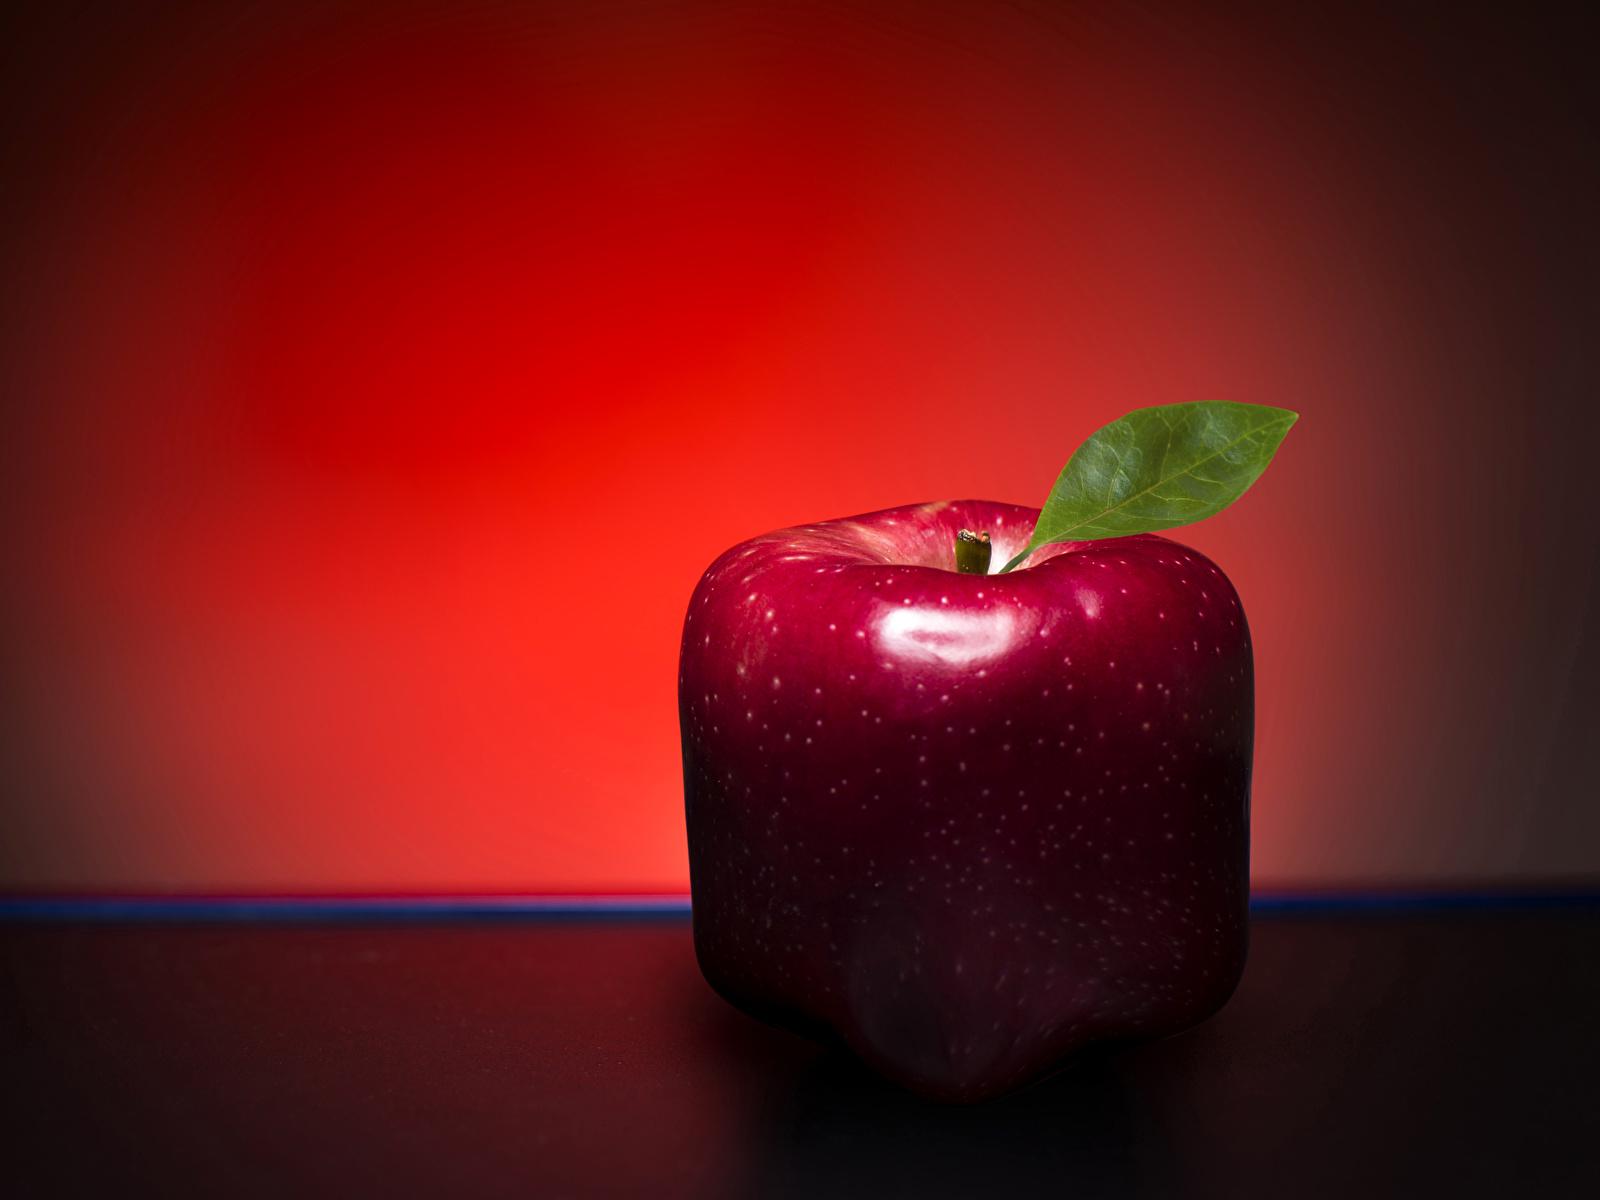 Обои красная Яблоки оригинальные Пища Крупным планом 1600x1200 красных красные Красный Креатив Еда Продукты питания вблизи